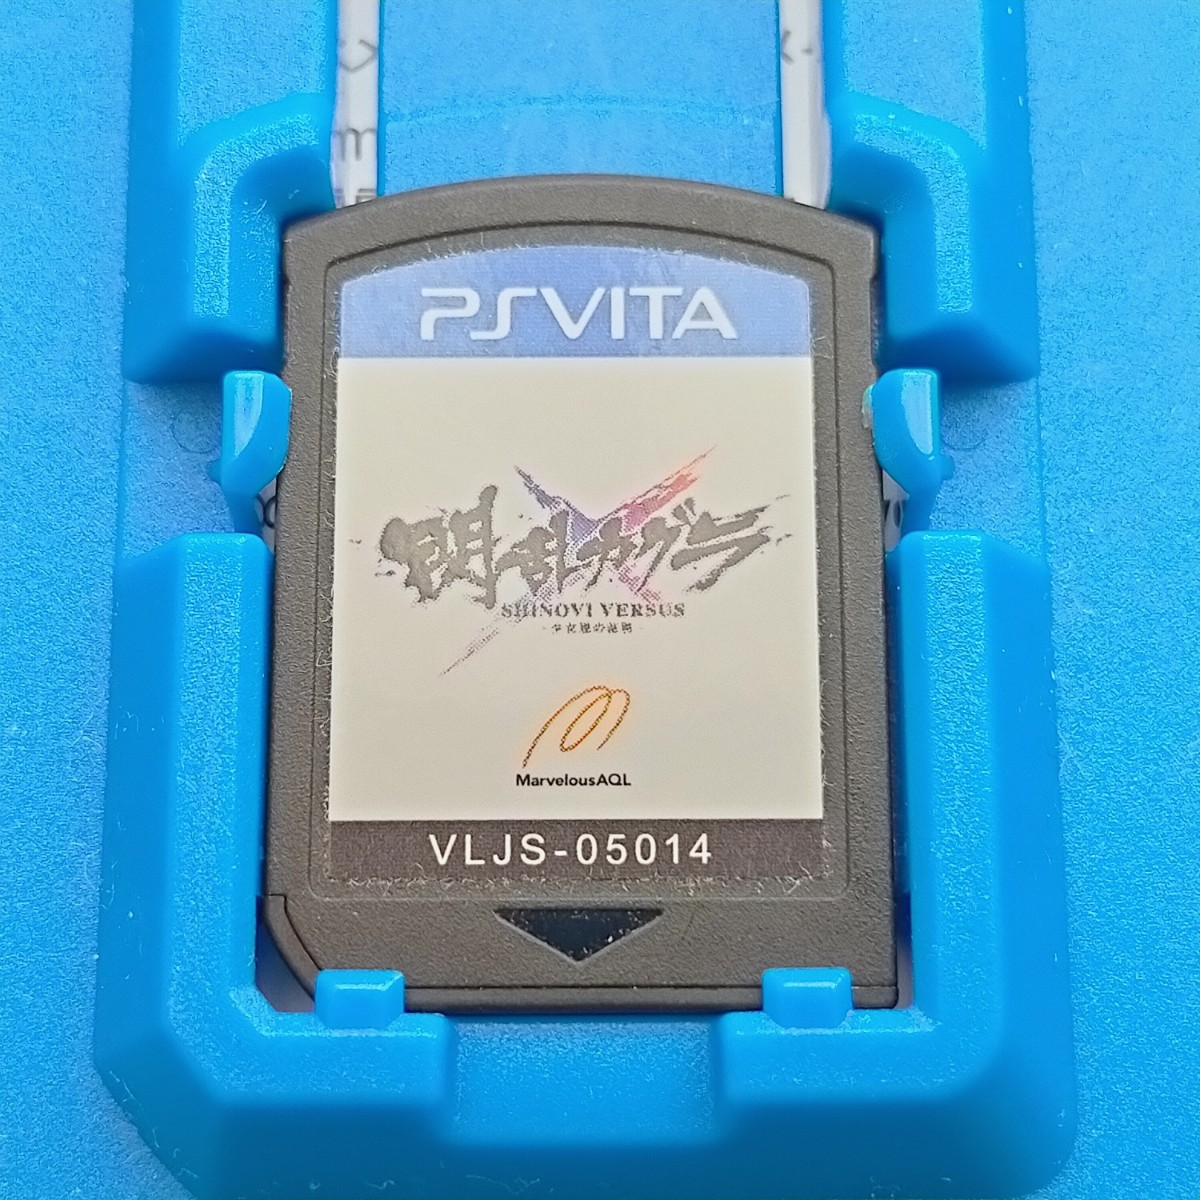 PS Vitaソフト 閃乱カグラ デカ盛りSHINOVIパック SHINOVI VERSUS デカ盛り閃乱カグラ